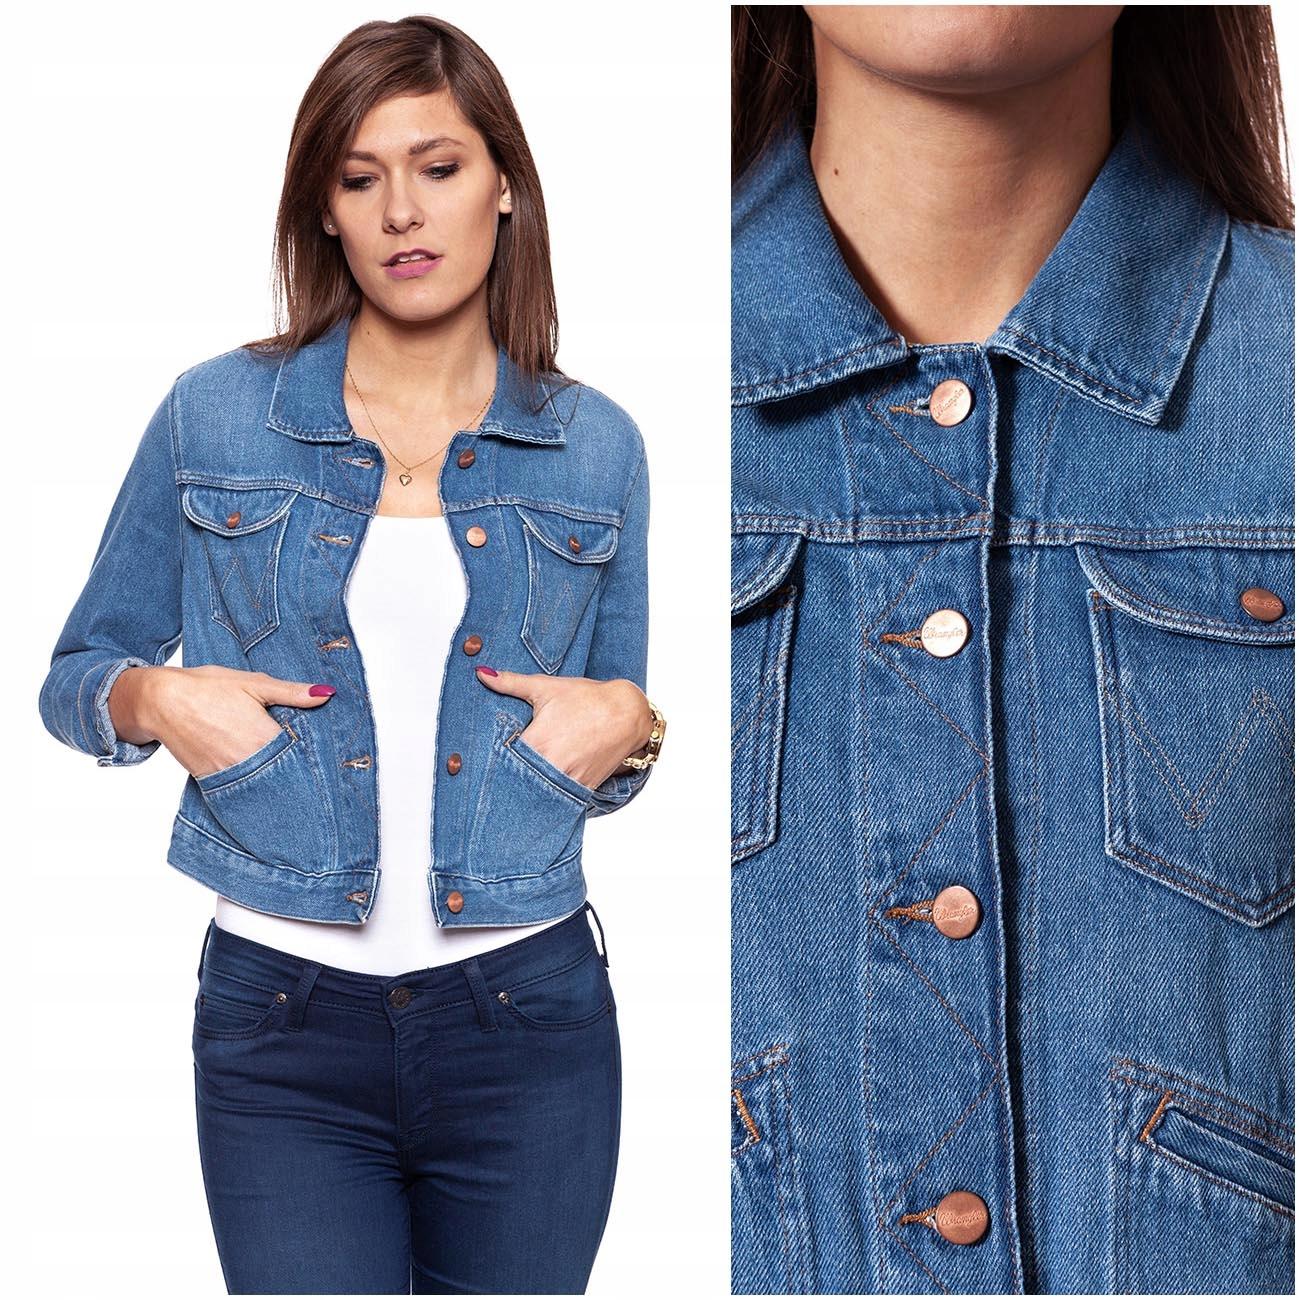 dluga kurtka jeansowa wrangler sprzedam